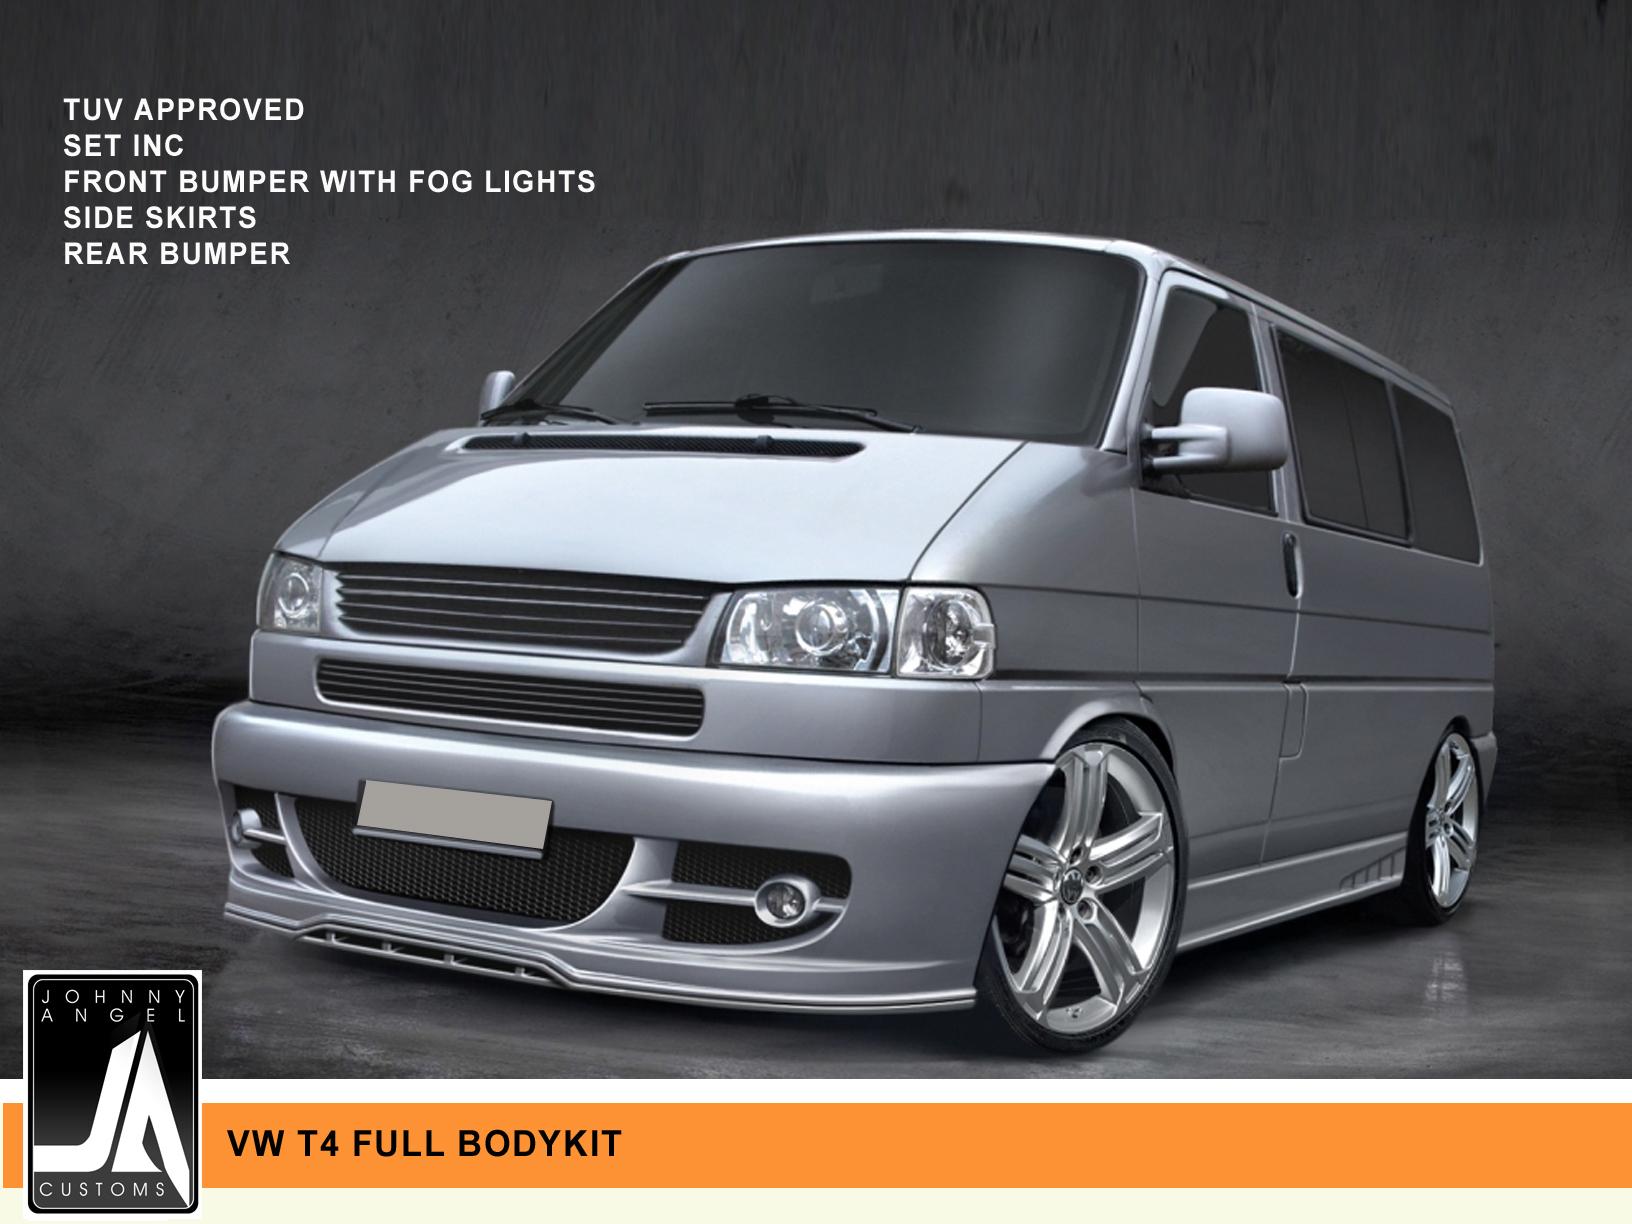 VW T4 FULL BODYKIT   Johnny Angel Customs pic 1